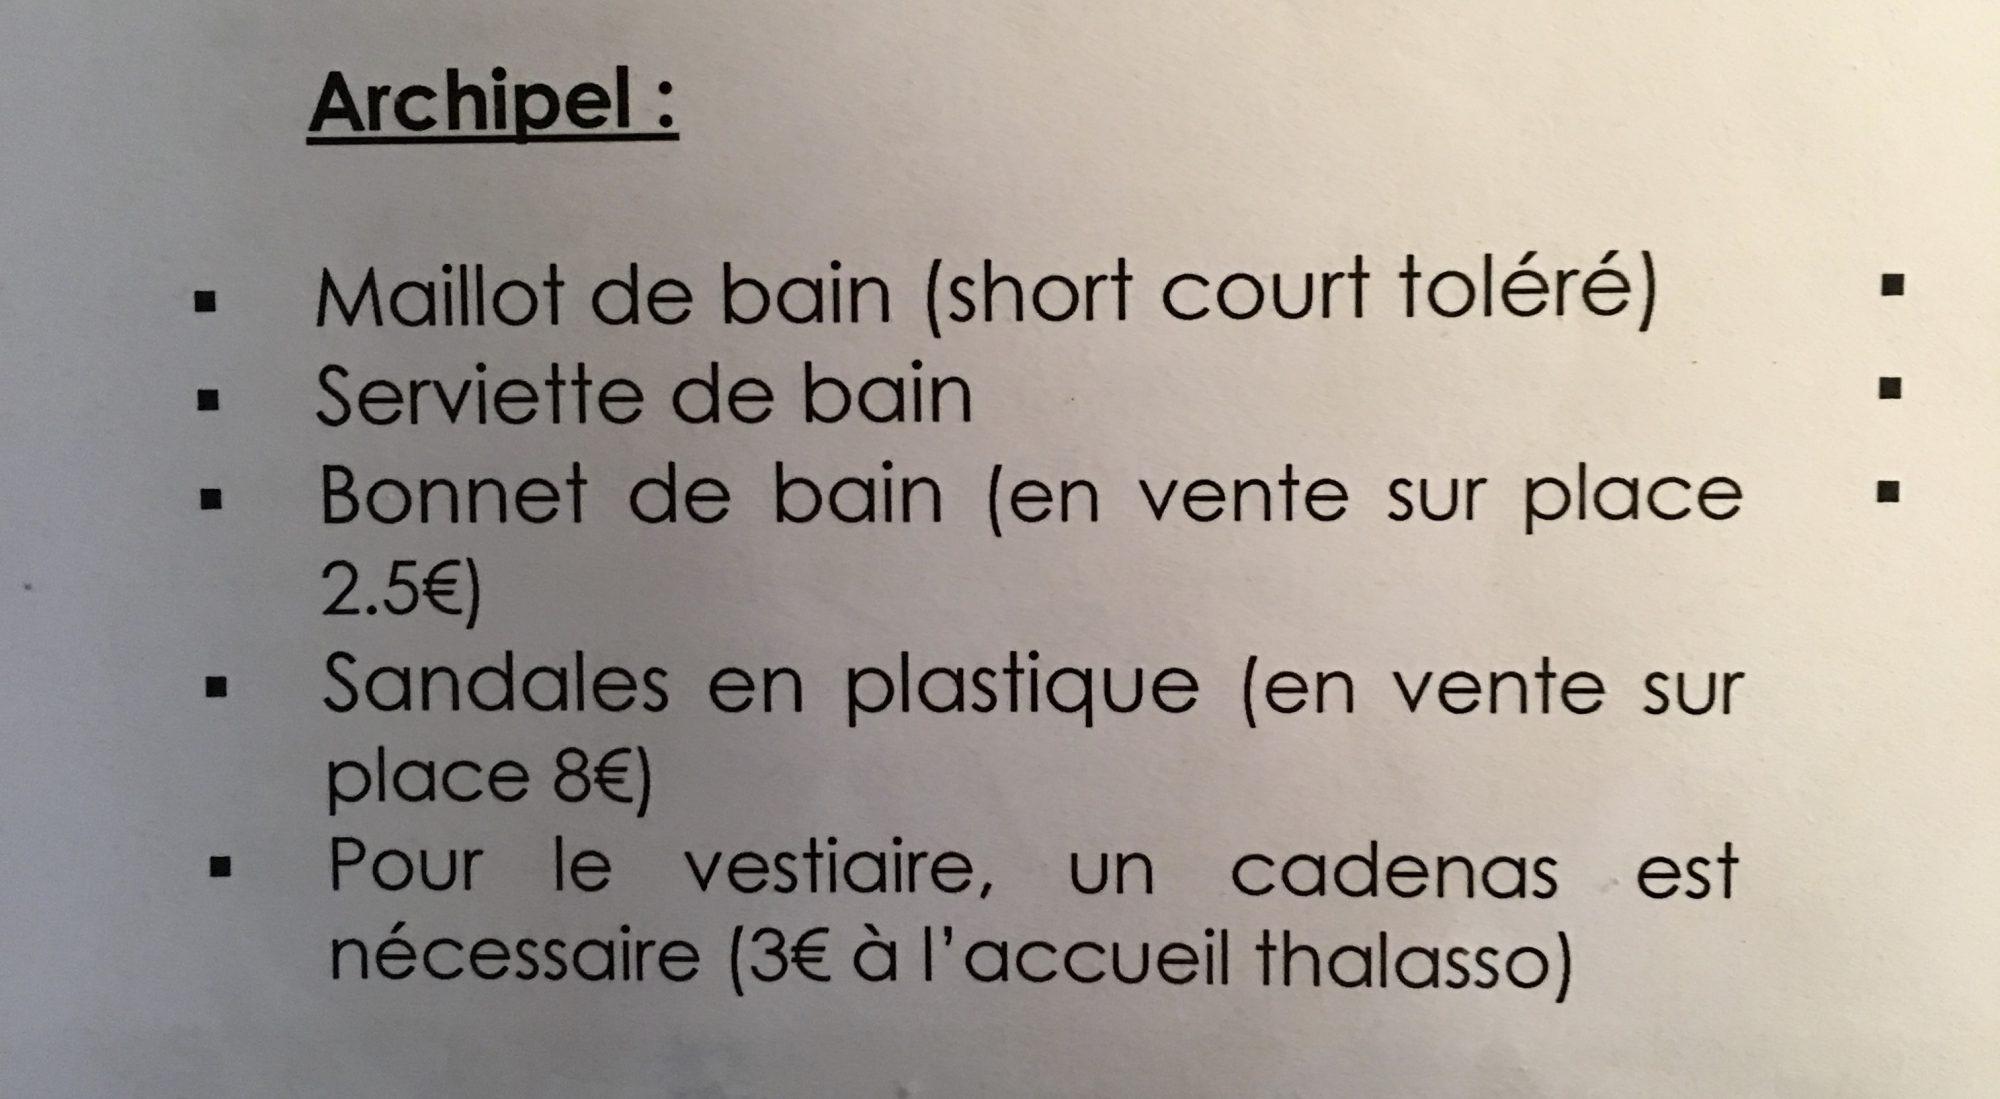 Französischer Text beschreibt, was man im Spa braucht. Badehaube, Plastikschuhe, Handtuch und Vorhängeschloss